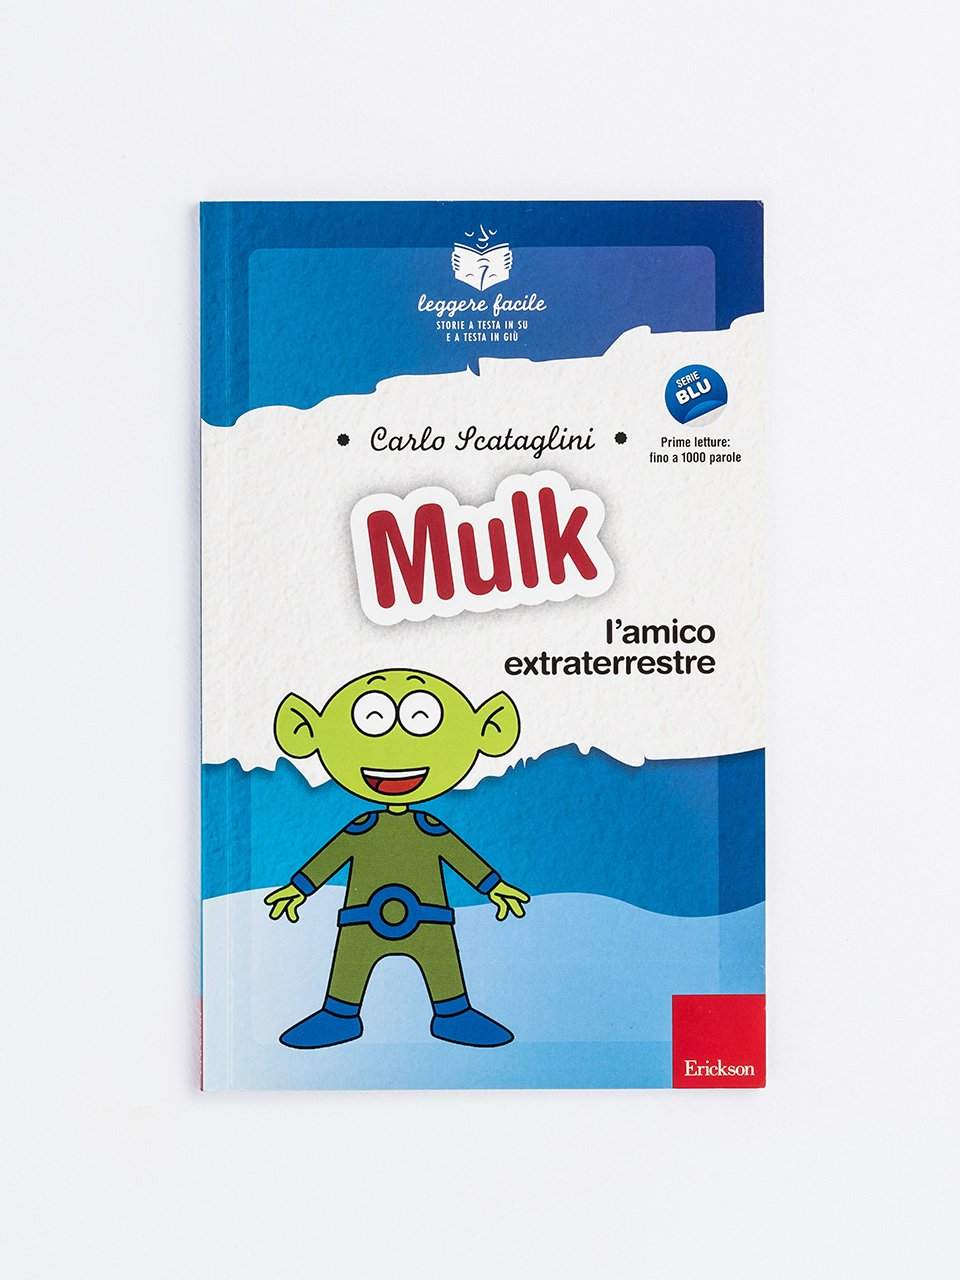 Leggere facile - Mulk l'amico extraterrestre - Narrativa per Ragazzi e Bambini - Erickson